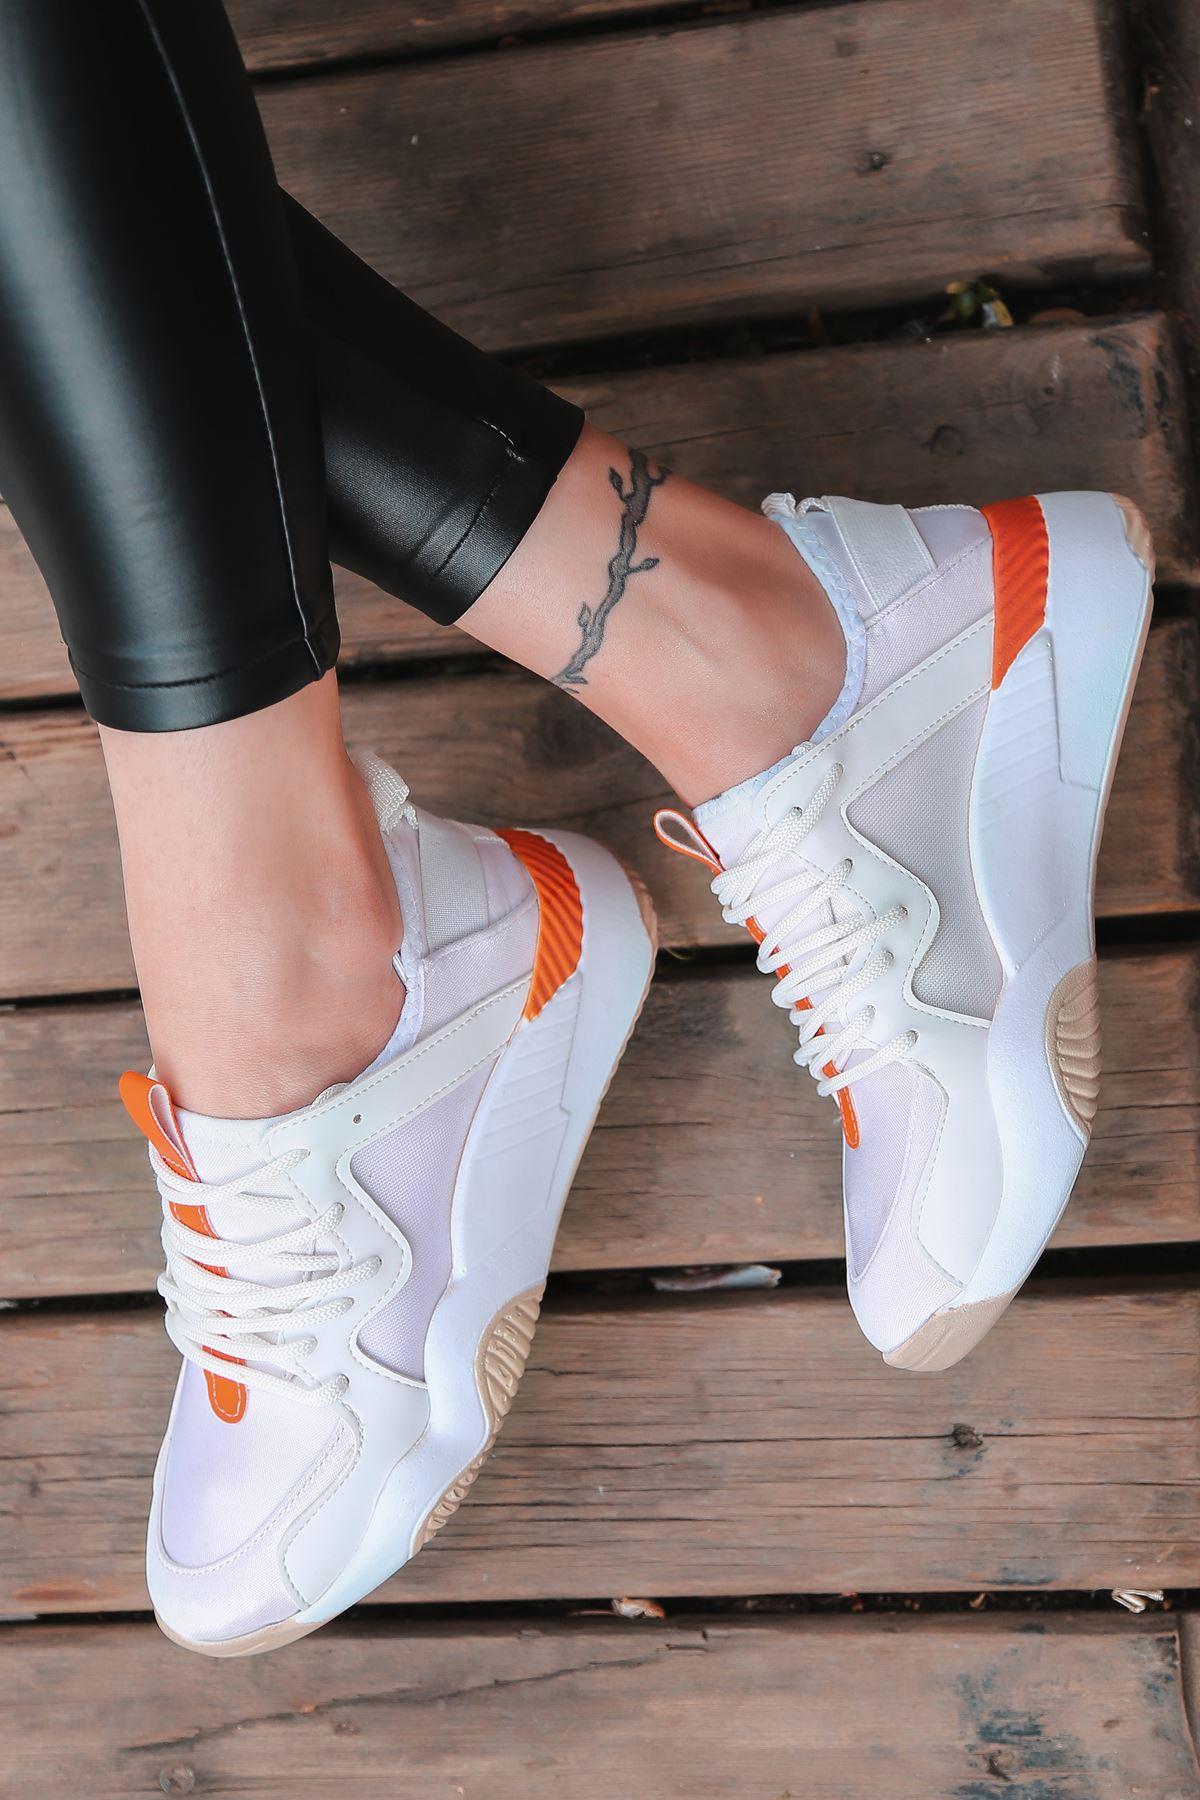 Torres Turuncu Parçalı Bağcık Detaylı Beyaz Kadın Spor Ayakkabı